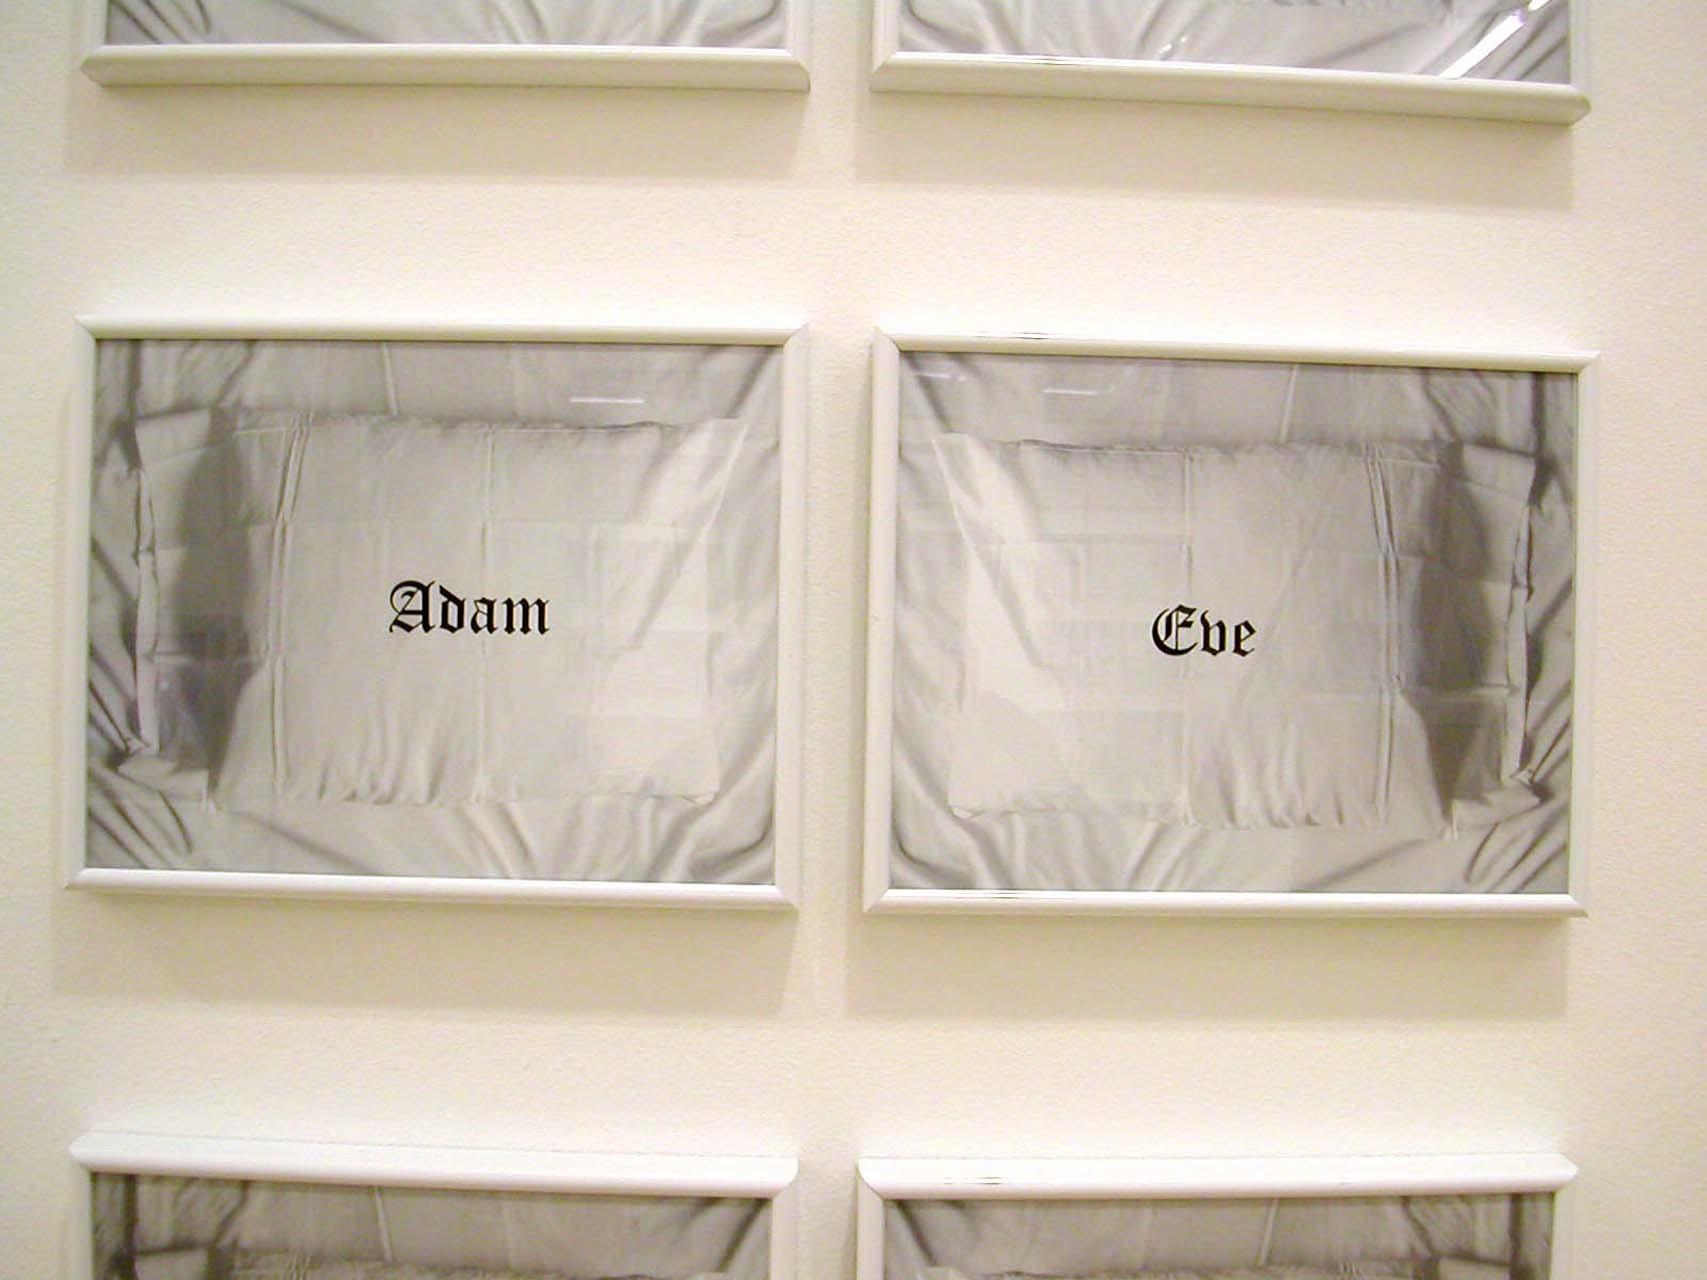 """<div class=""""artwork_caption""""><p>Adam & Eve, 2002</p></div>"""